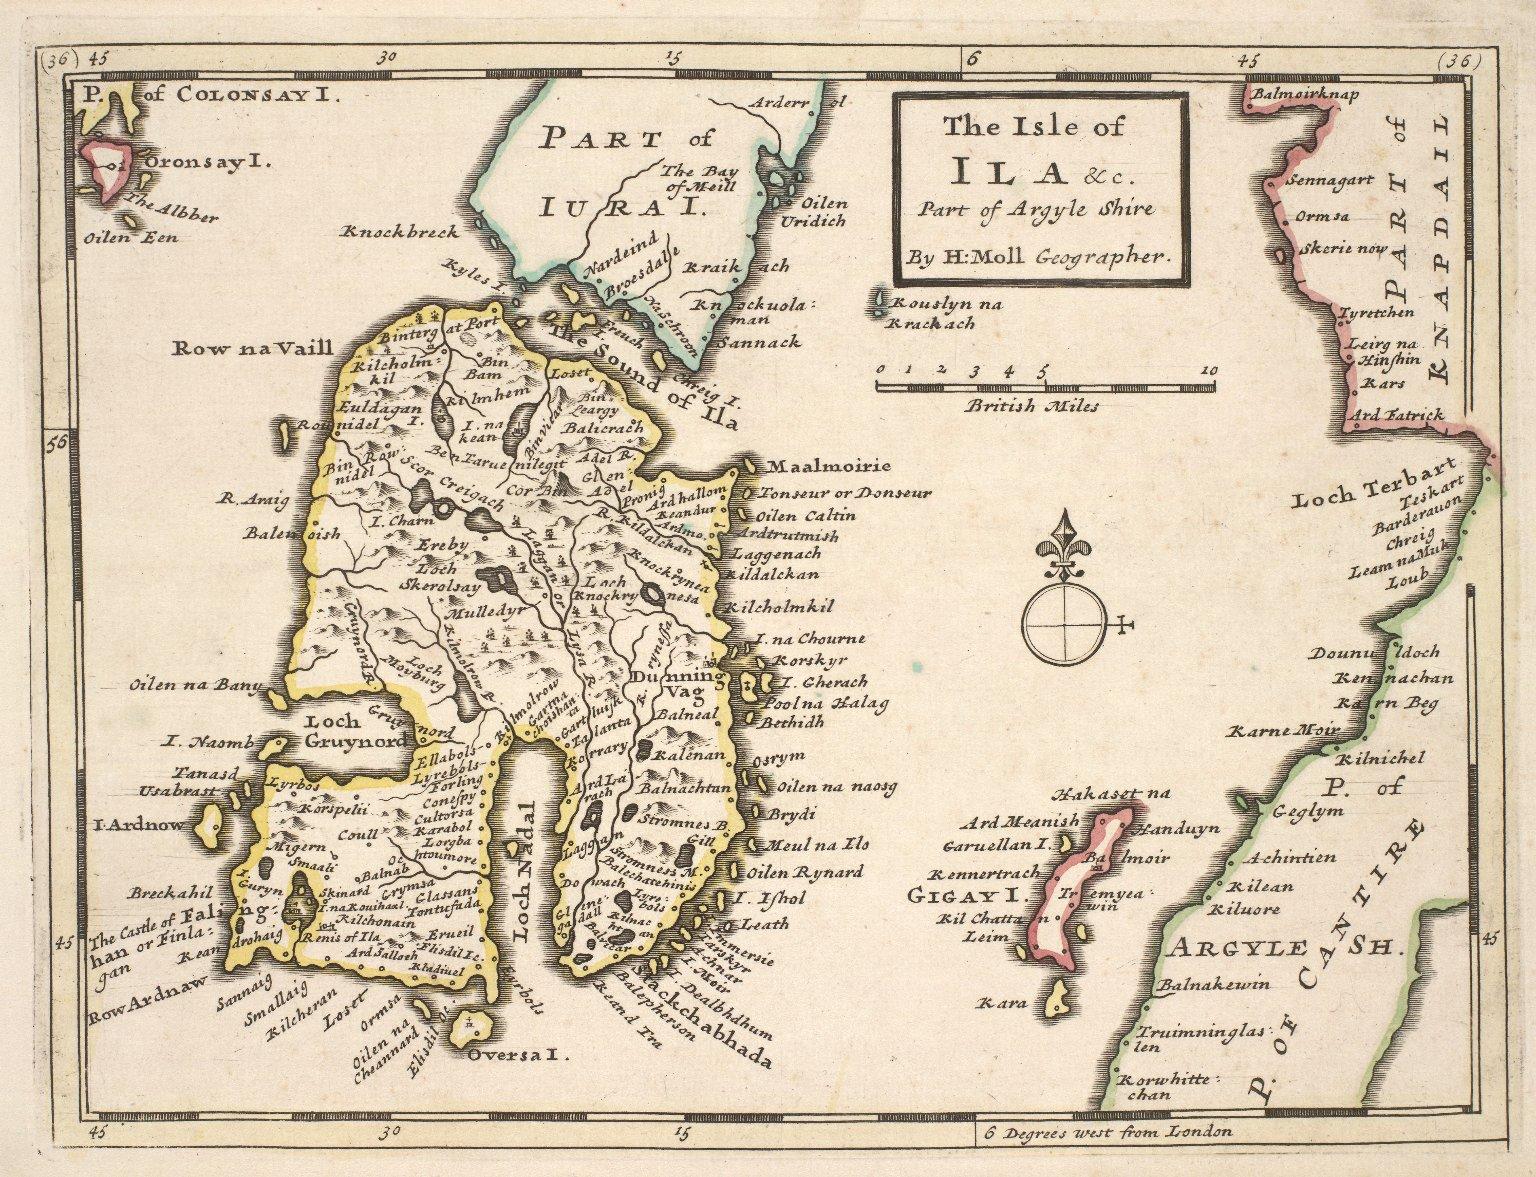 The Isle of Ila &c. Part of Argyle Shire [1 of 1]